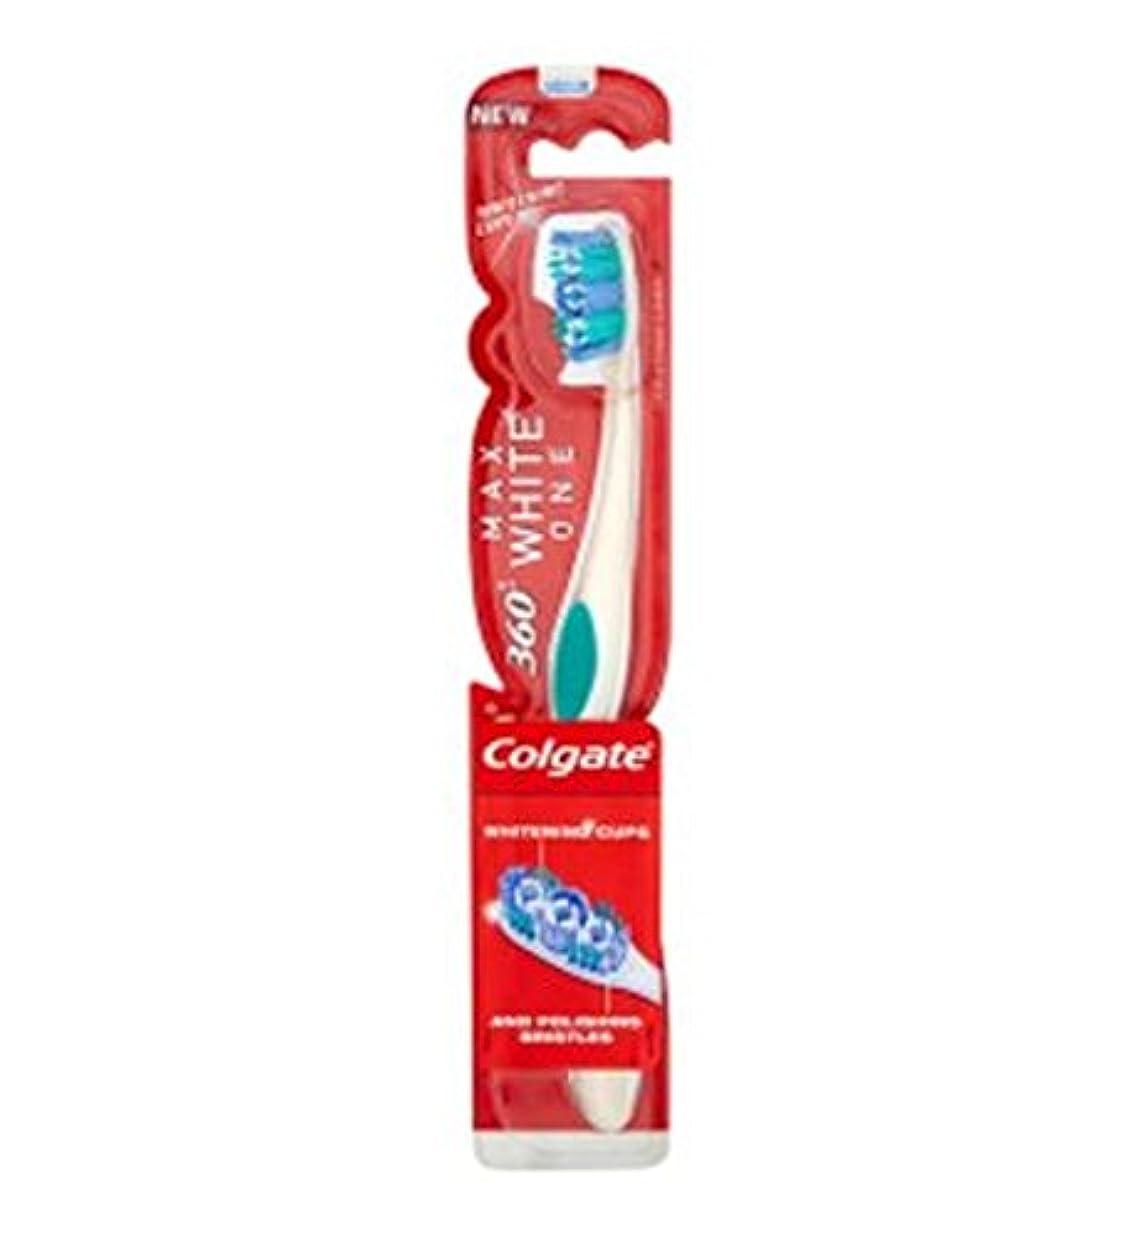 バッテリー増幅砲撃コルゲートマックスホワイト歯ブラシ (Colgate) (x2) - Colgate Max White Toothbrush (Pack of 2) [並行輸入品]